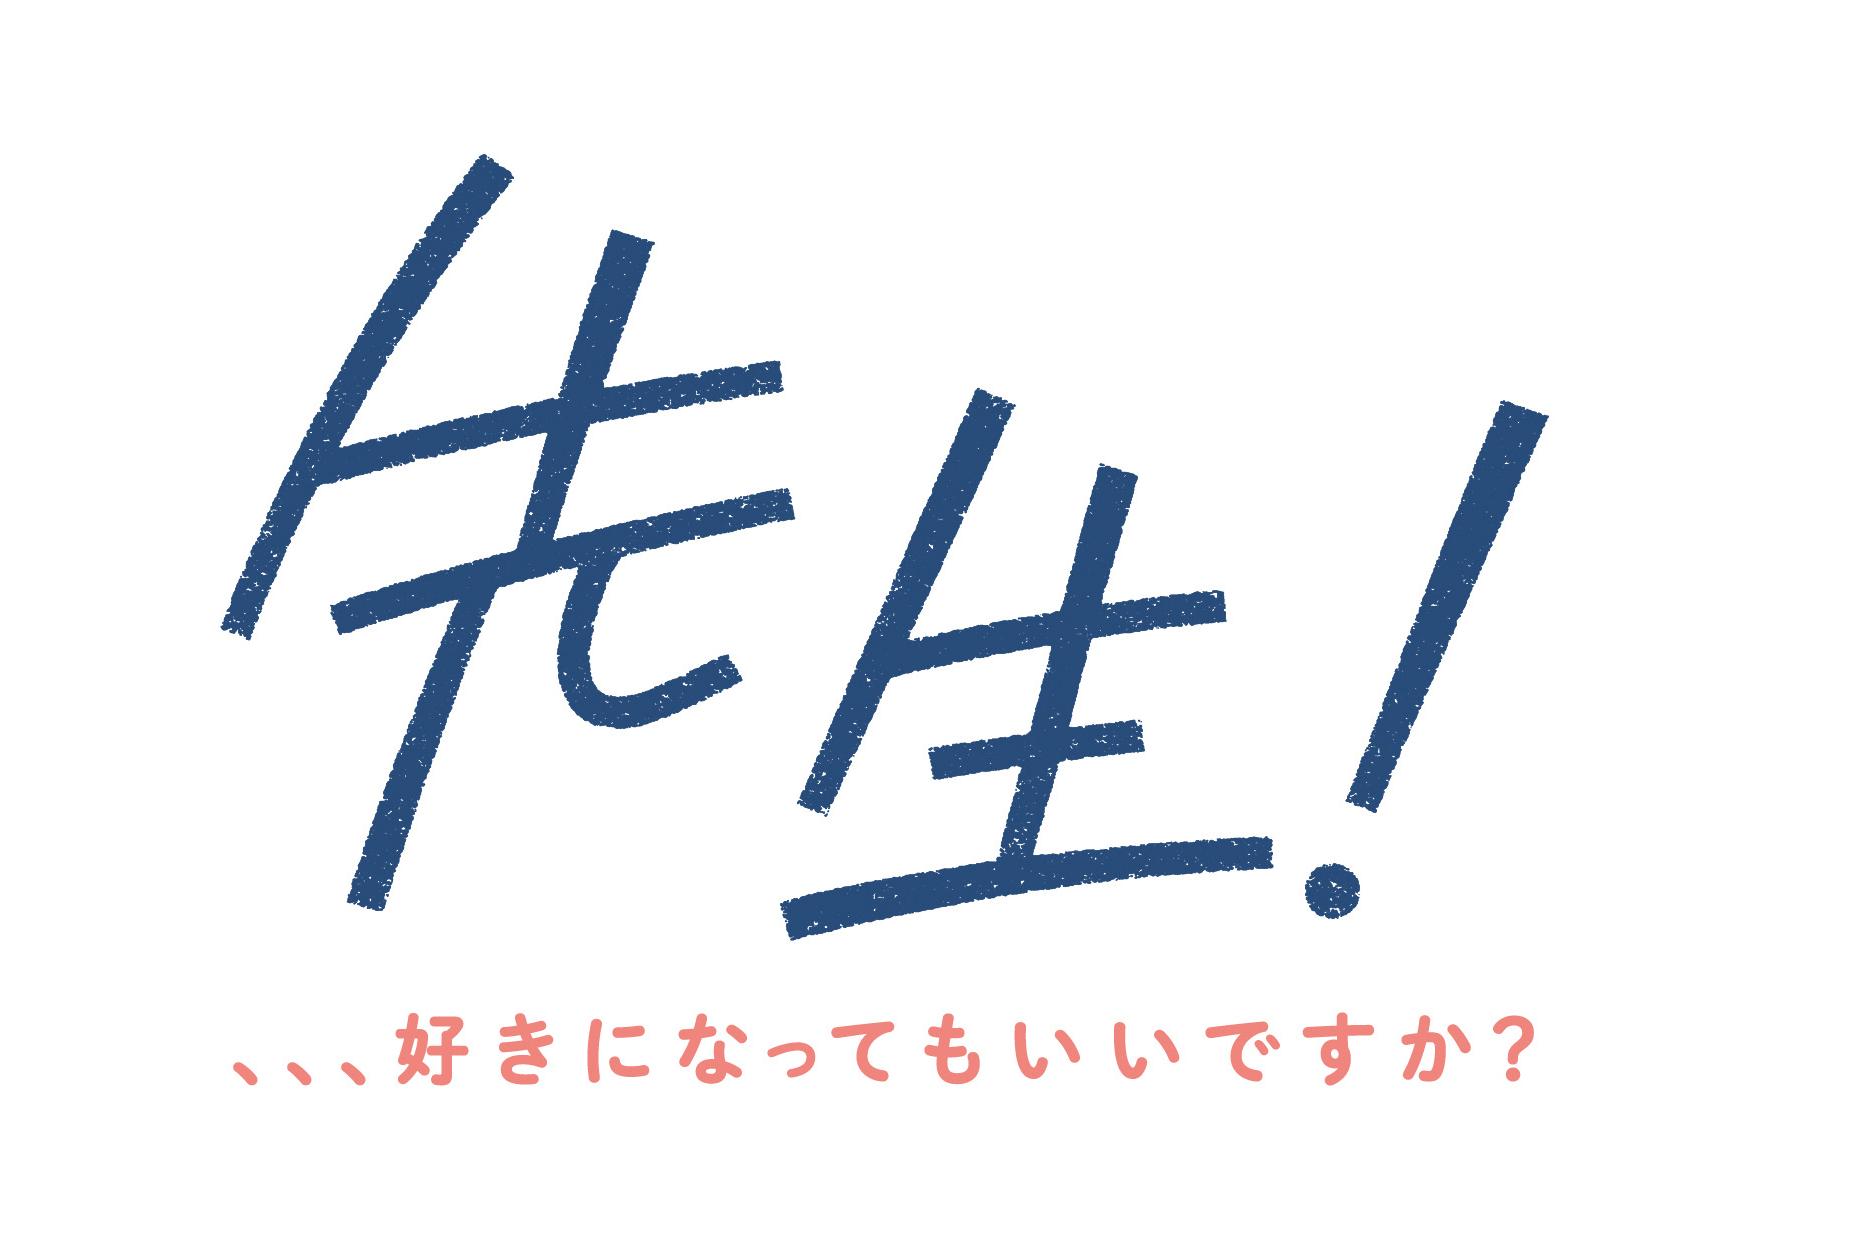 【6回泣いた!】 ガチのマンガ『先生!』ファンが映画『先生! 、、、好きになってもいいですか?』を観てみた♡【ハンカチ必須!】_5